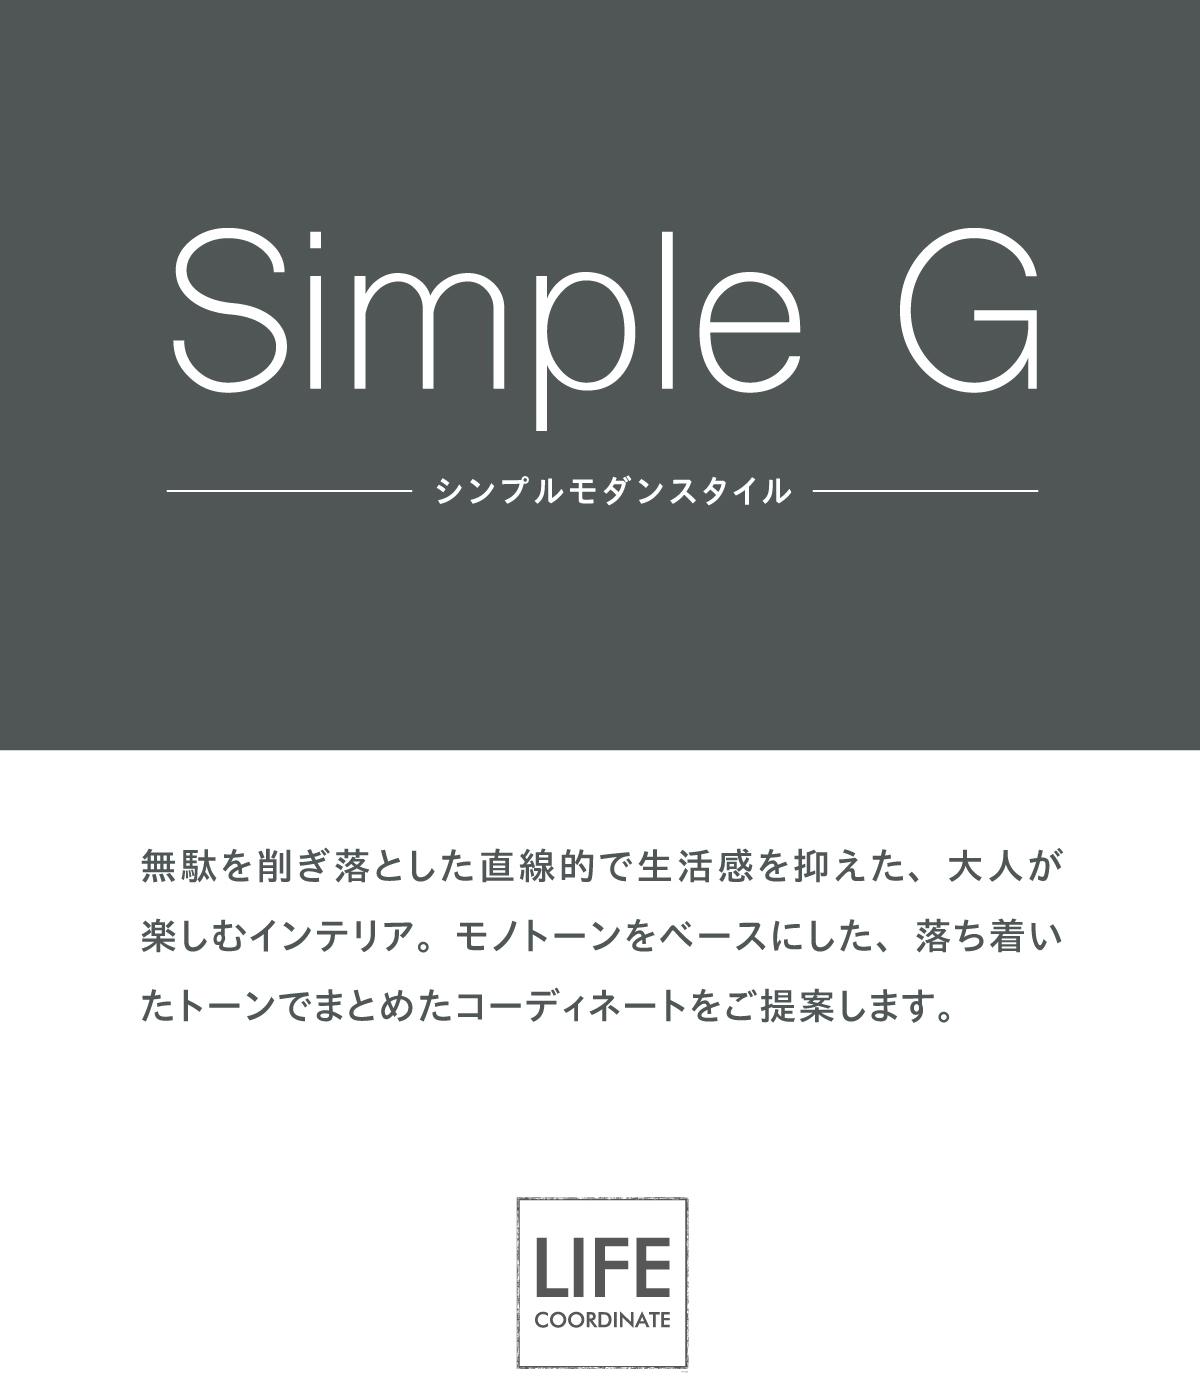 シンプルG